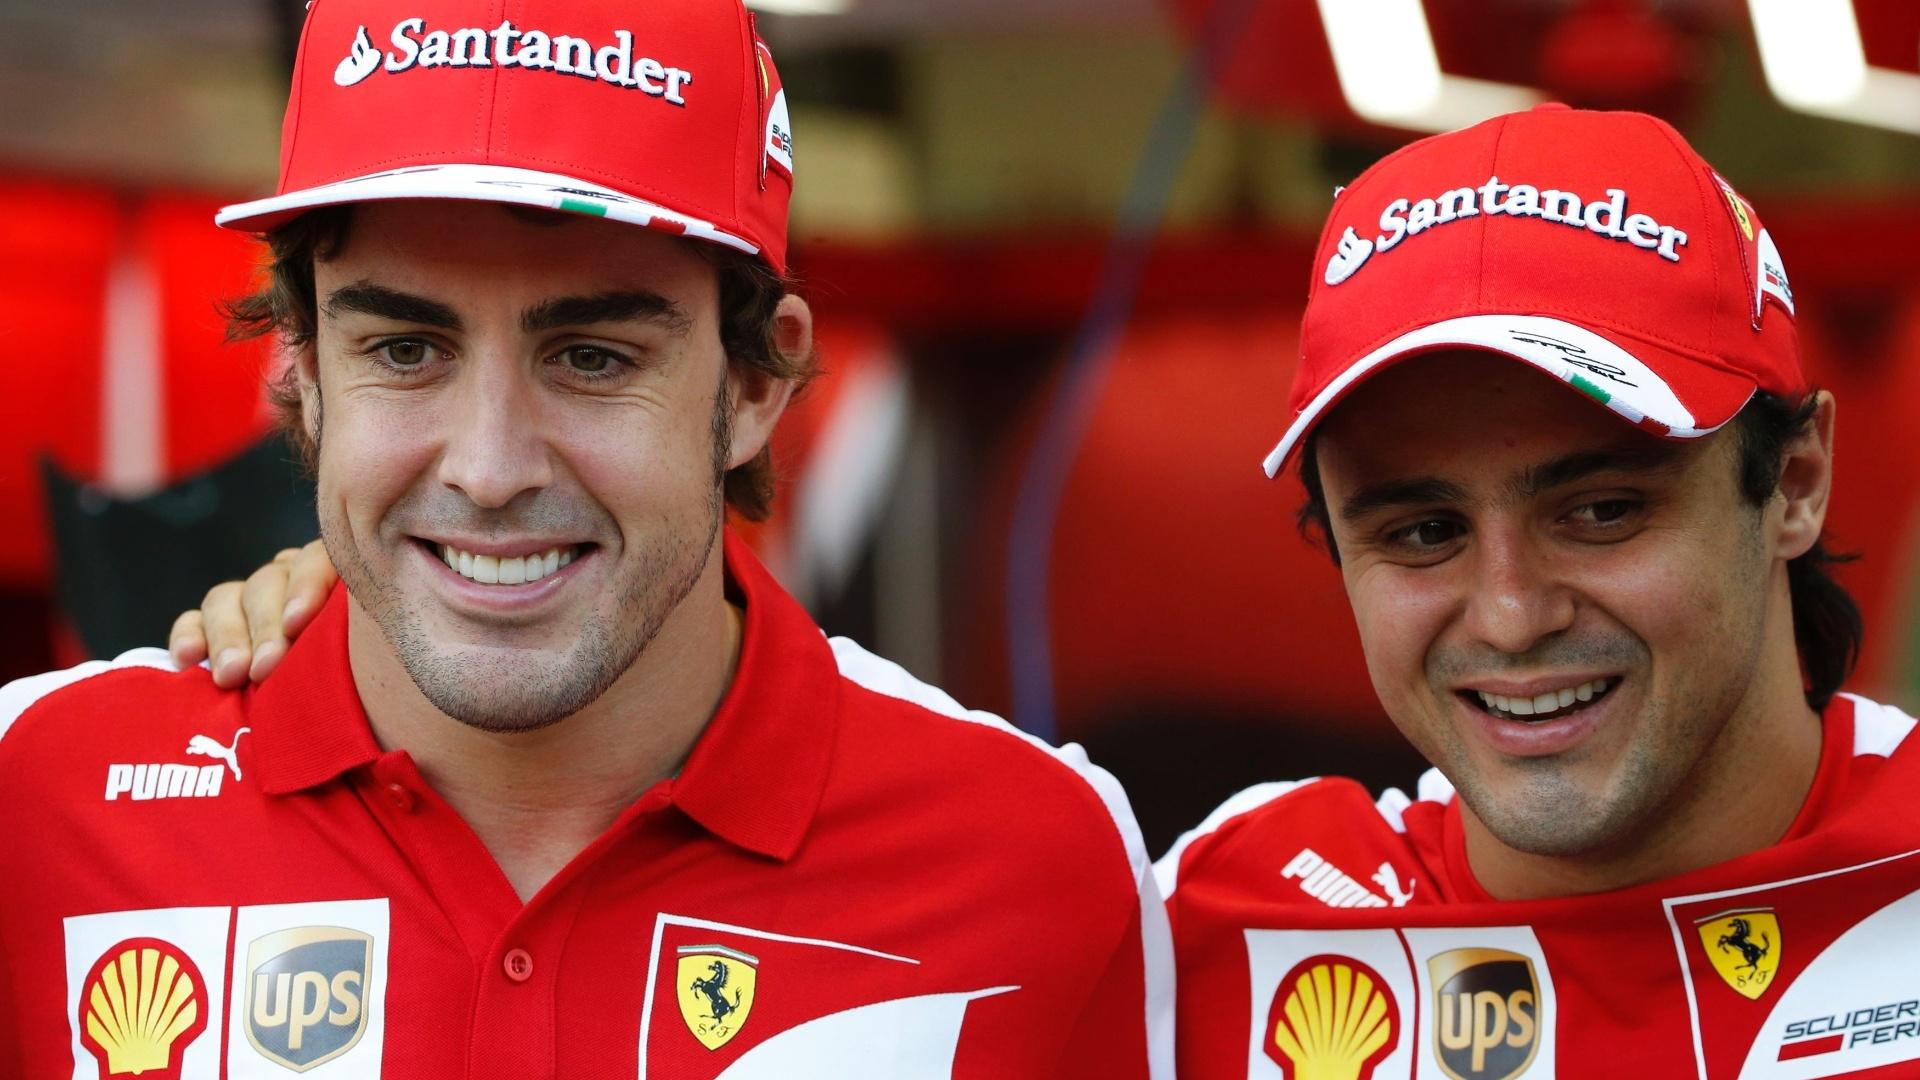 19.set.2013 - Fernando Alonso e Felipe Massa posam para fotos no circuito de Marina Bay, em Cingapura